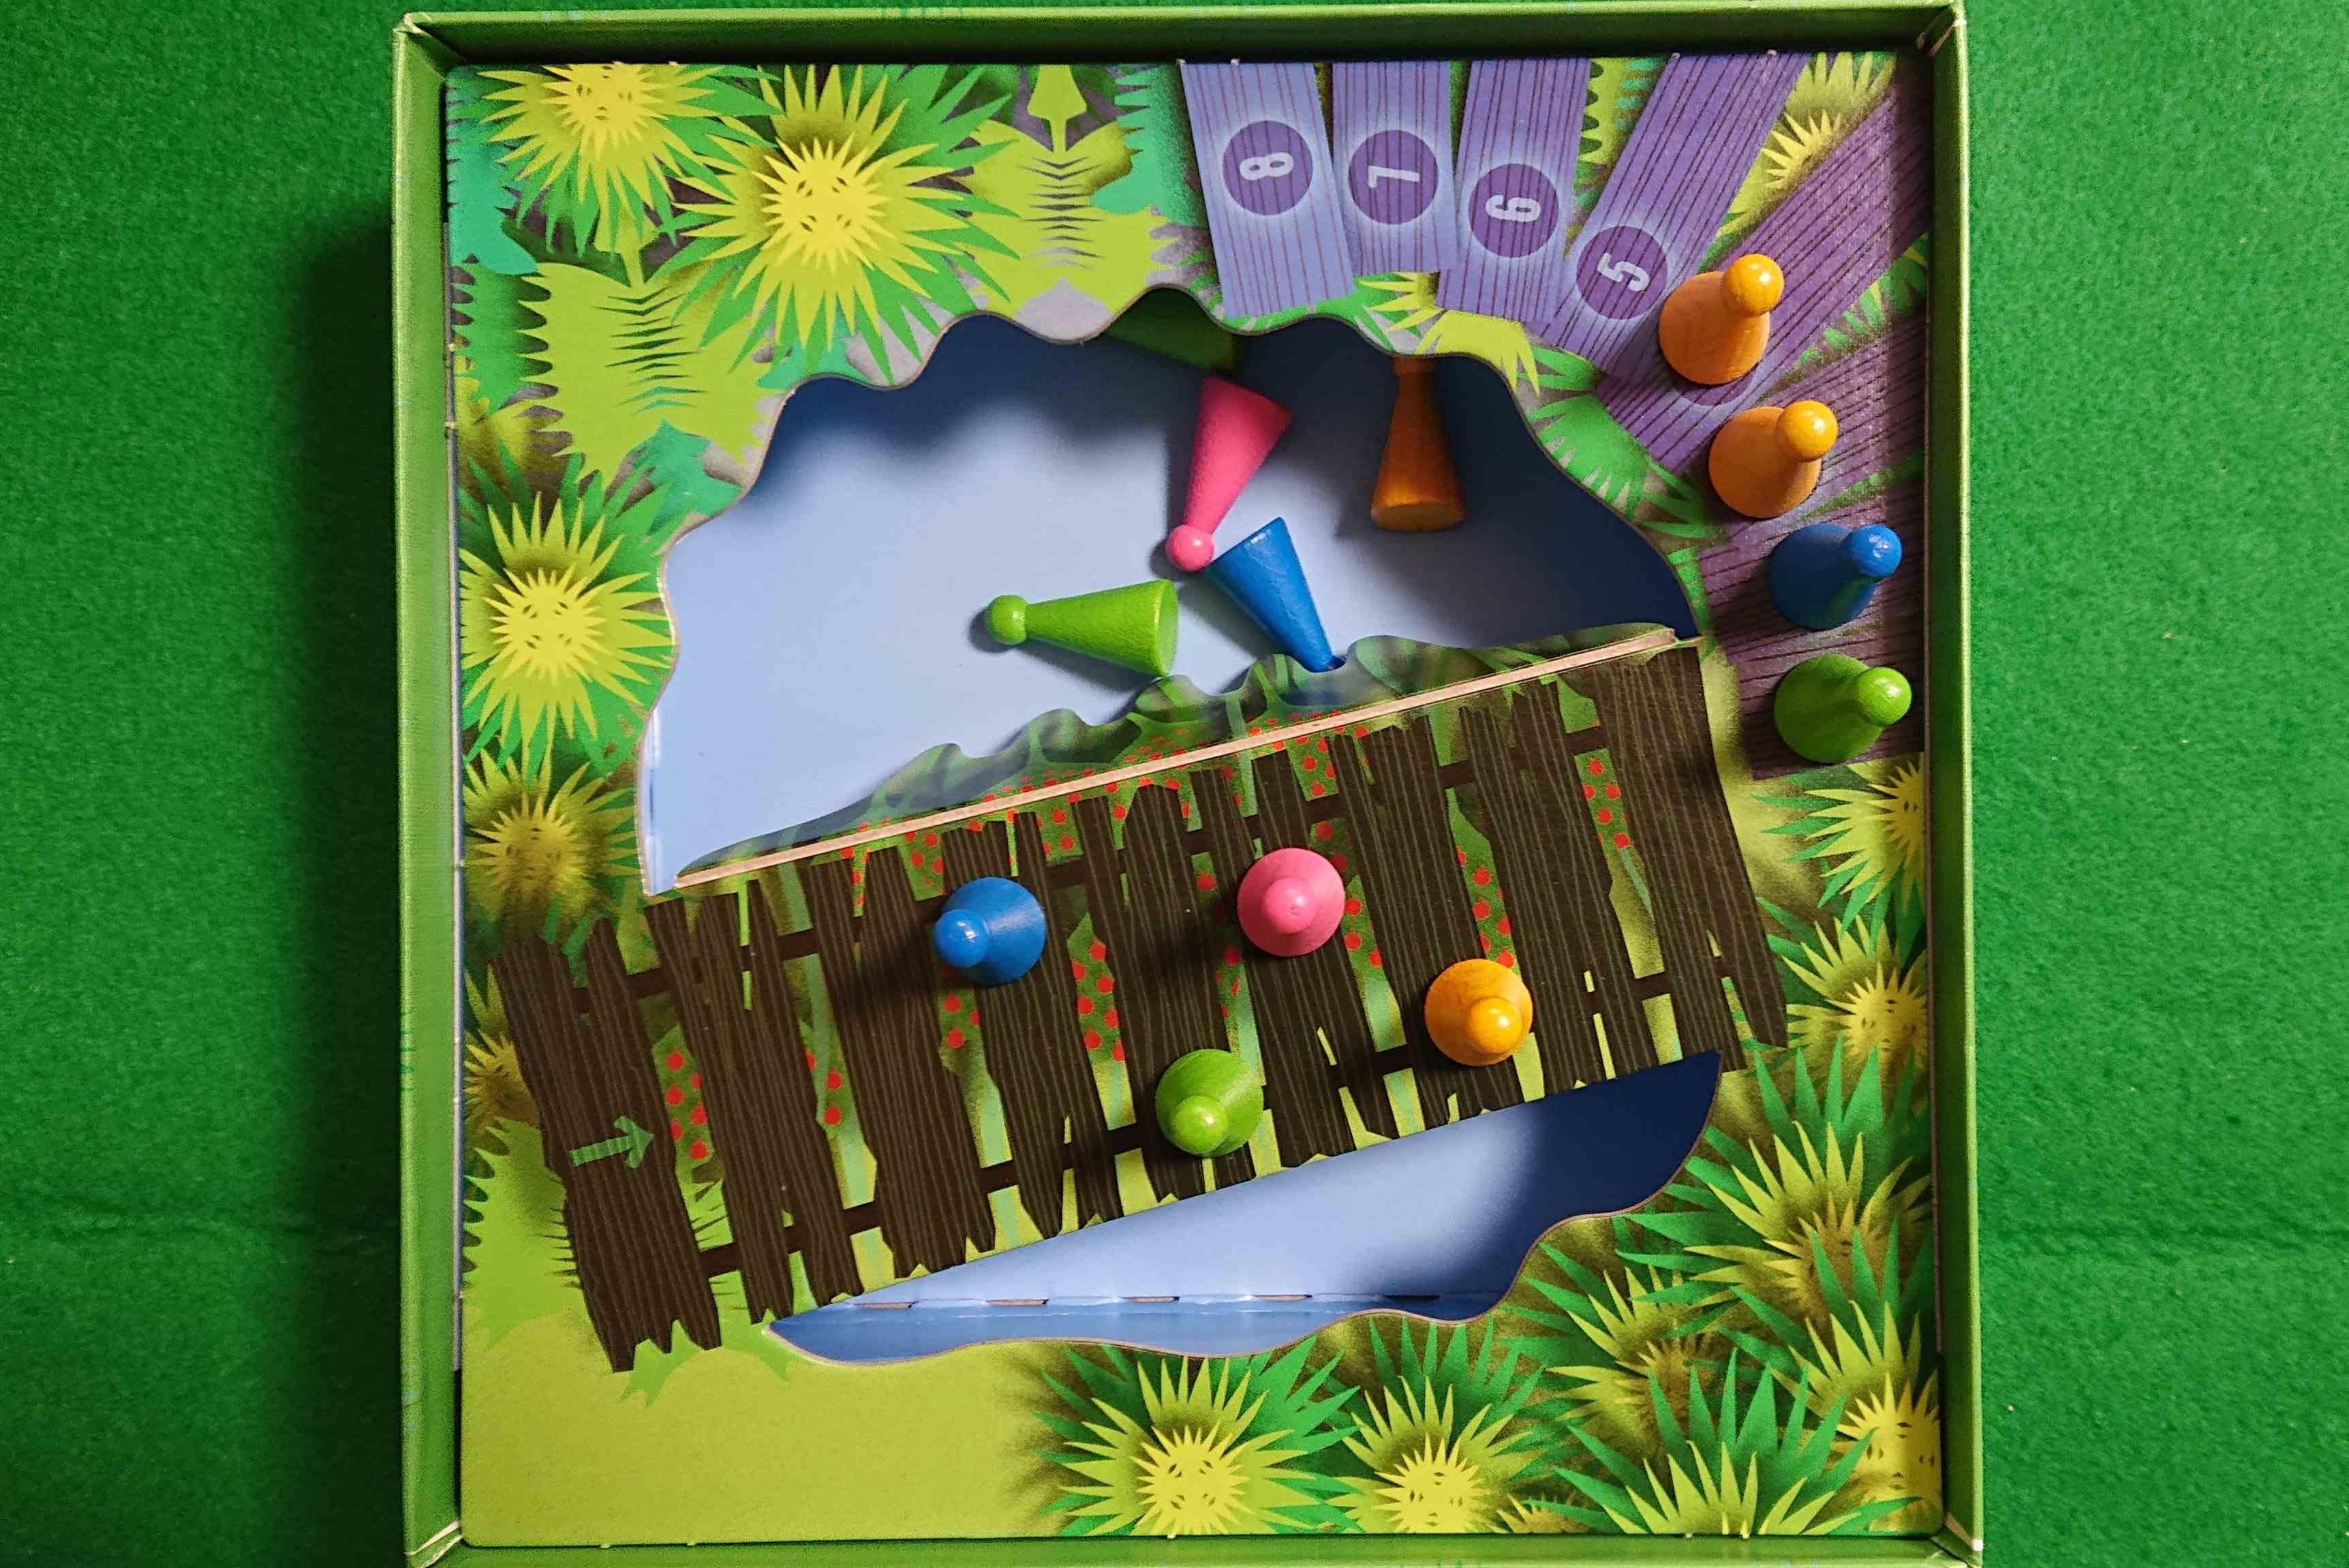 チャオチャオ ブラフを楽しむパーティゲーム アレックス・ランドルフの名作 ボードゲーム